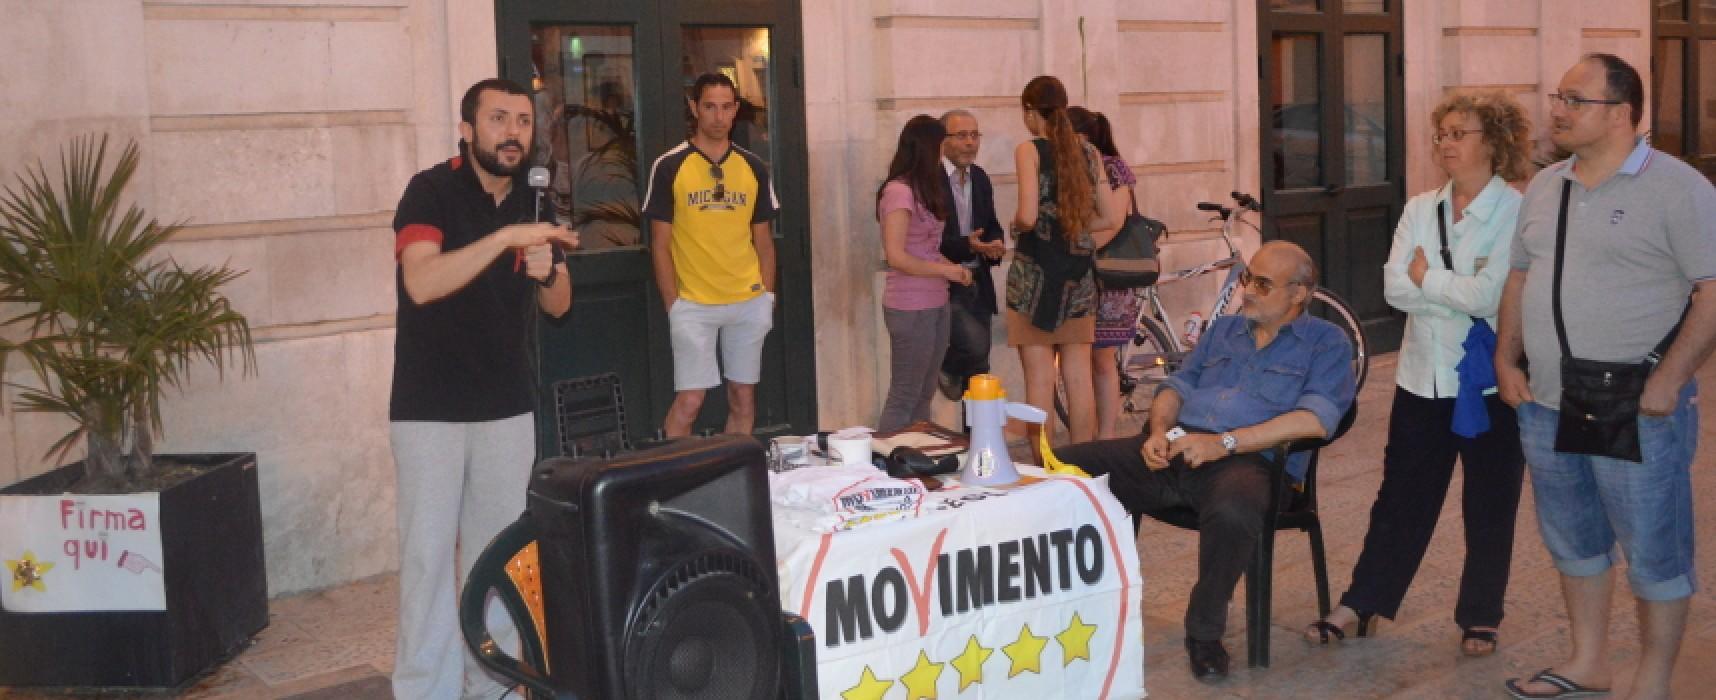 D'Ambrosio (M5s): «Anomalia biscegliese: da Monti al Nuovo Centro Destra» / VIDEO